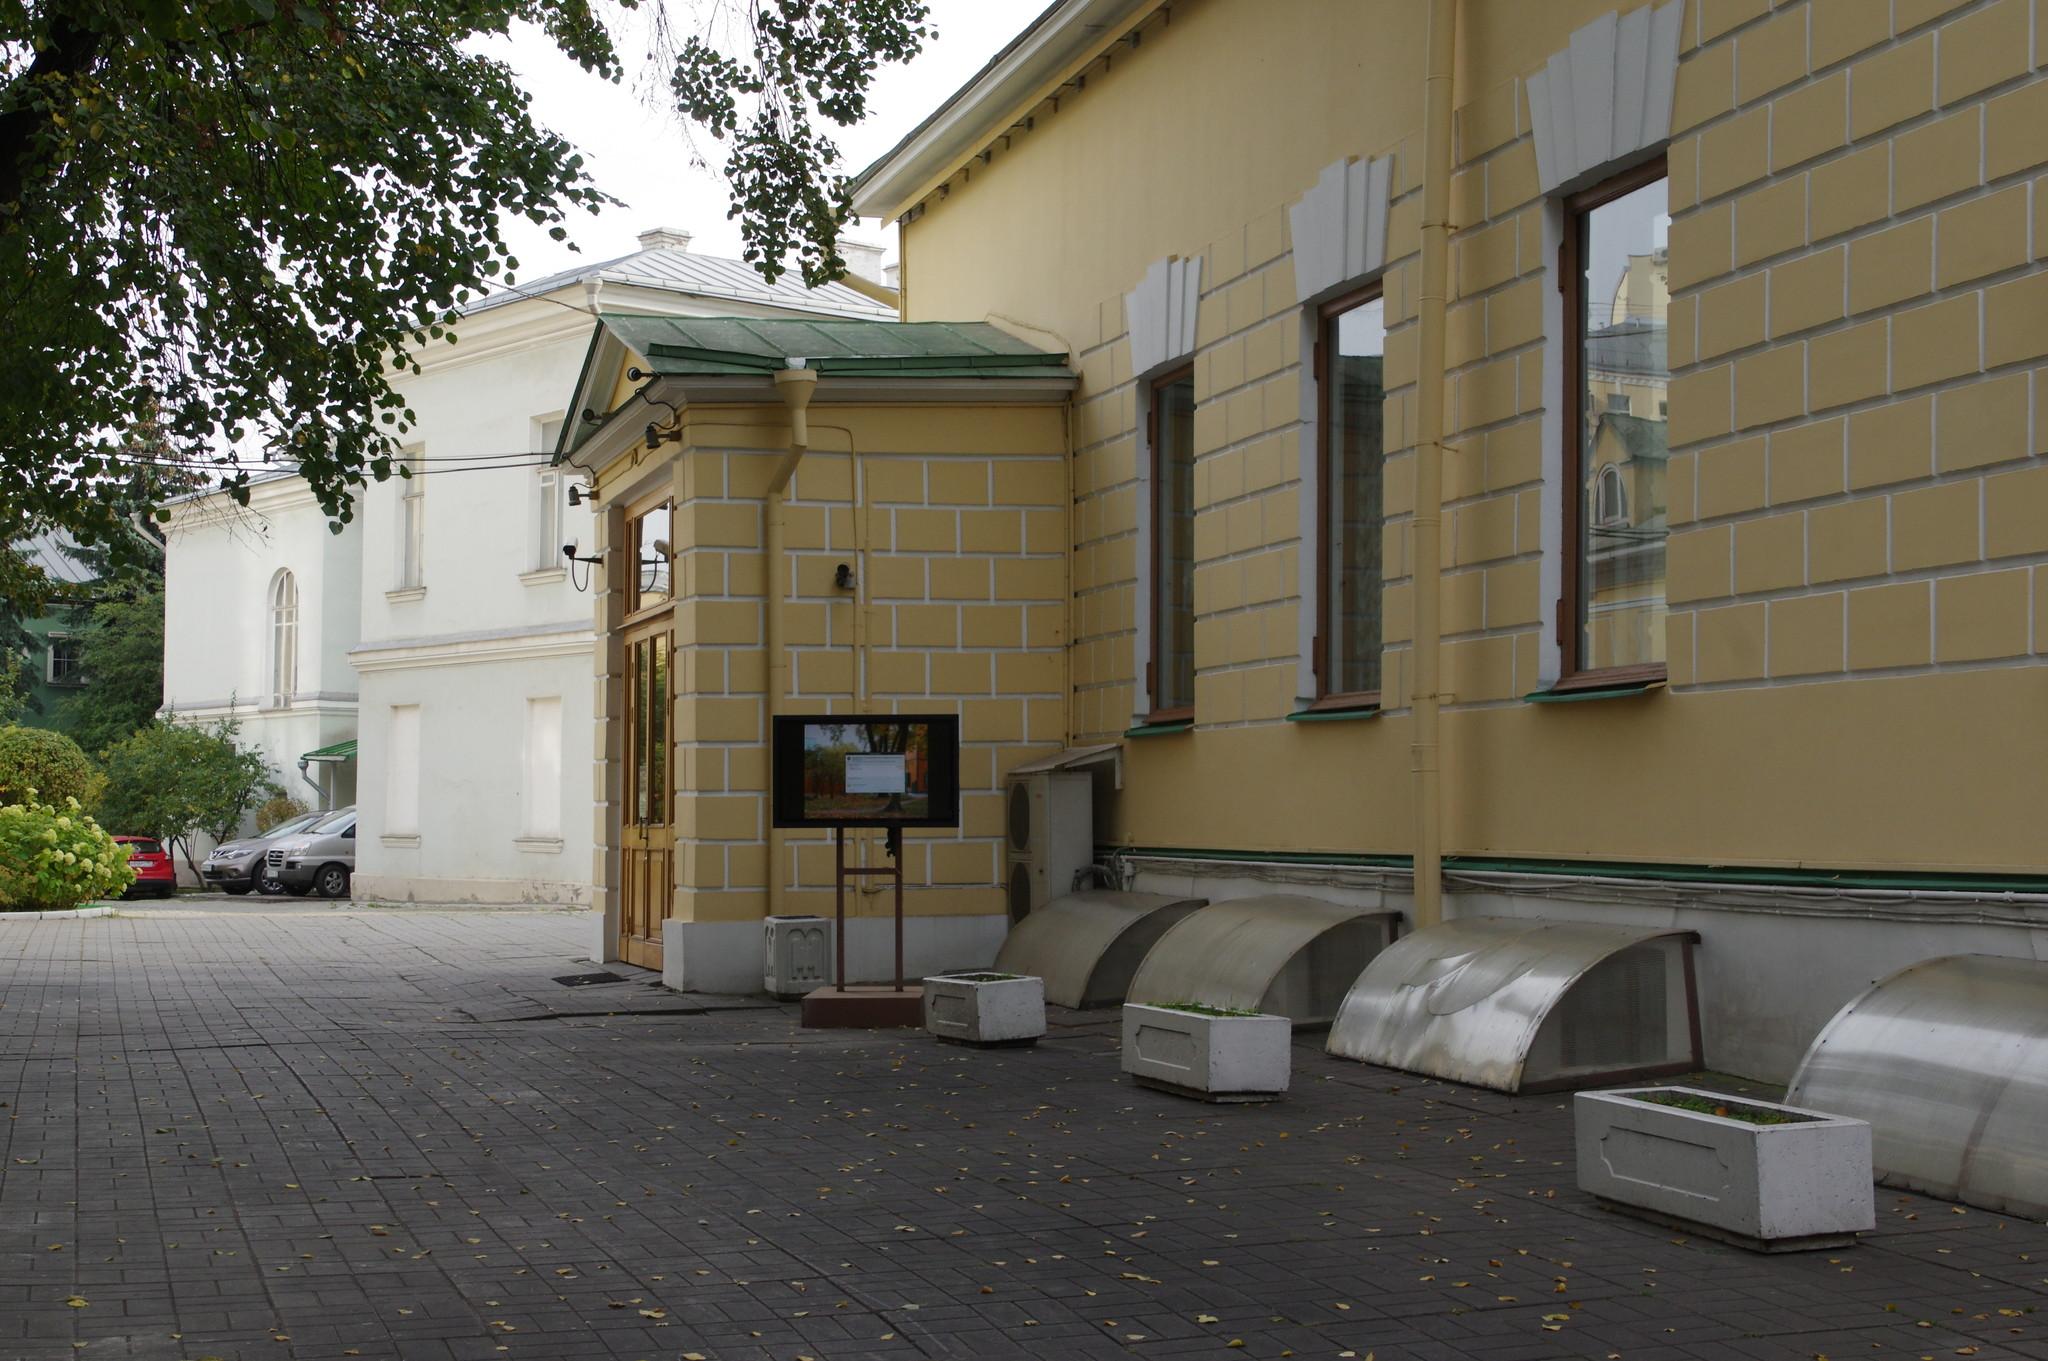 Государственный литературный музей Л.Н. Толстого (улица Пречистенка, дом 11/8)